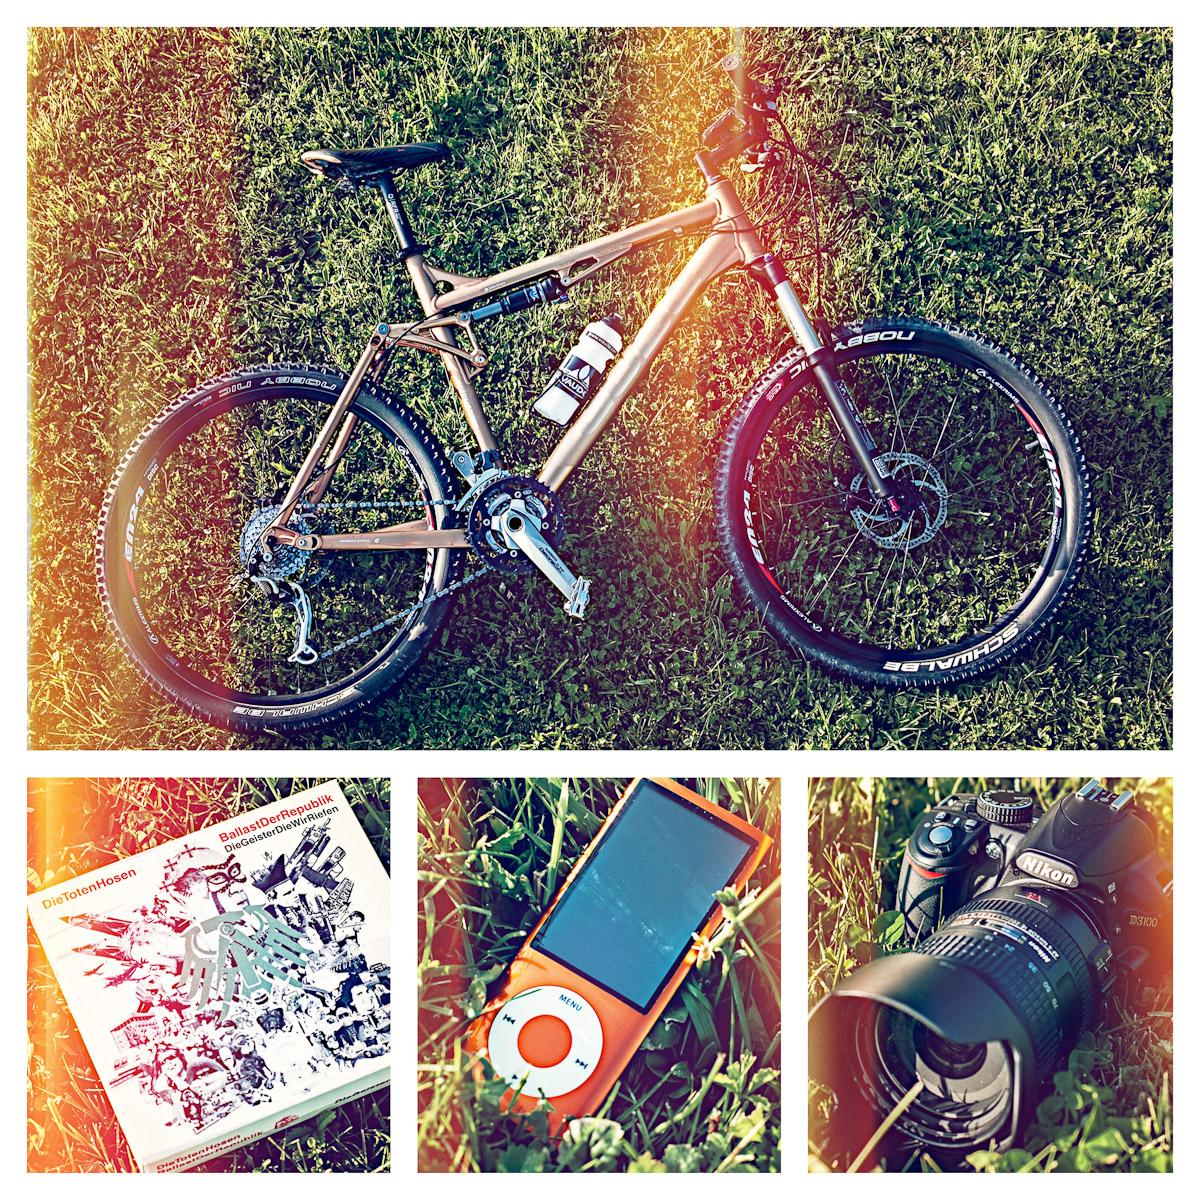 Four Things I Like